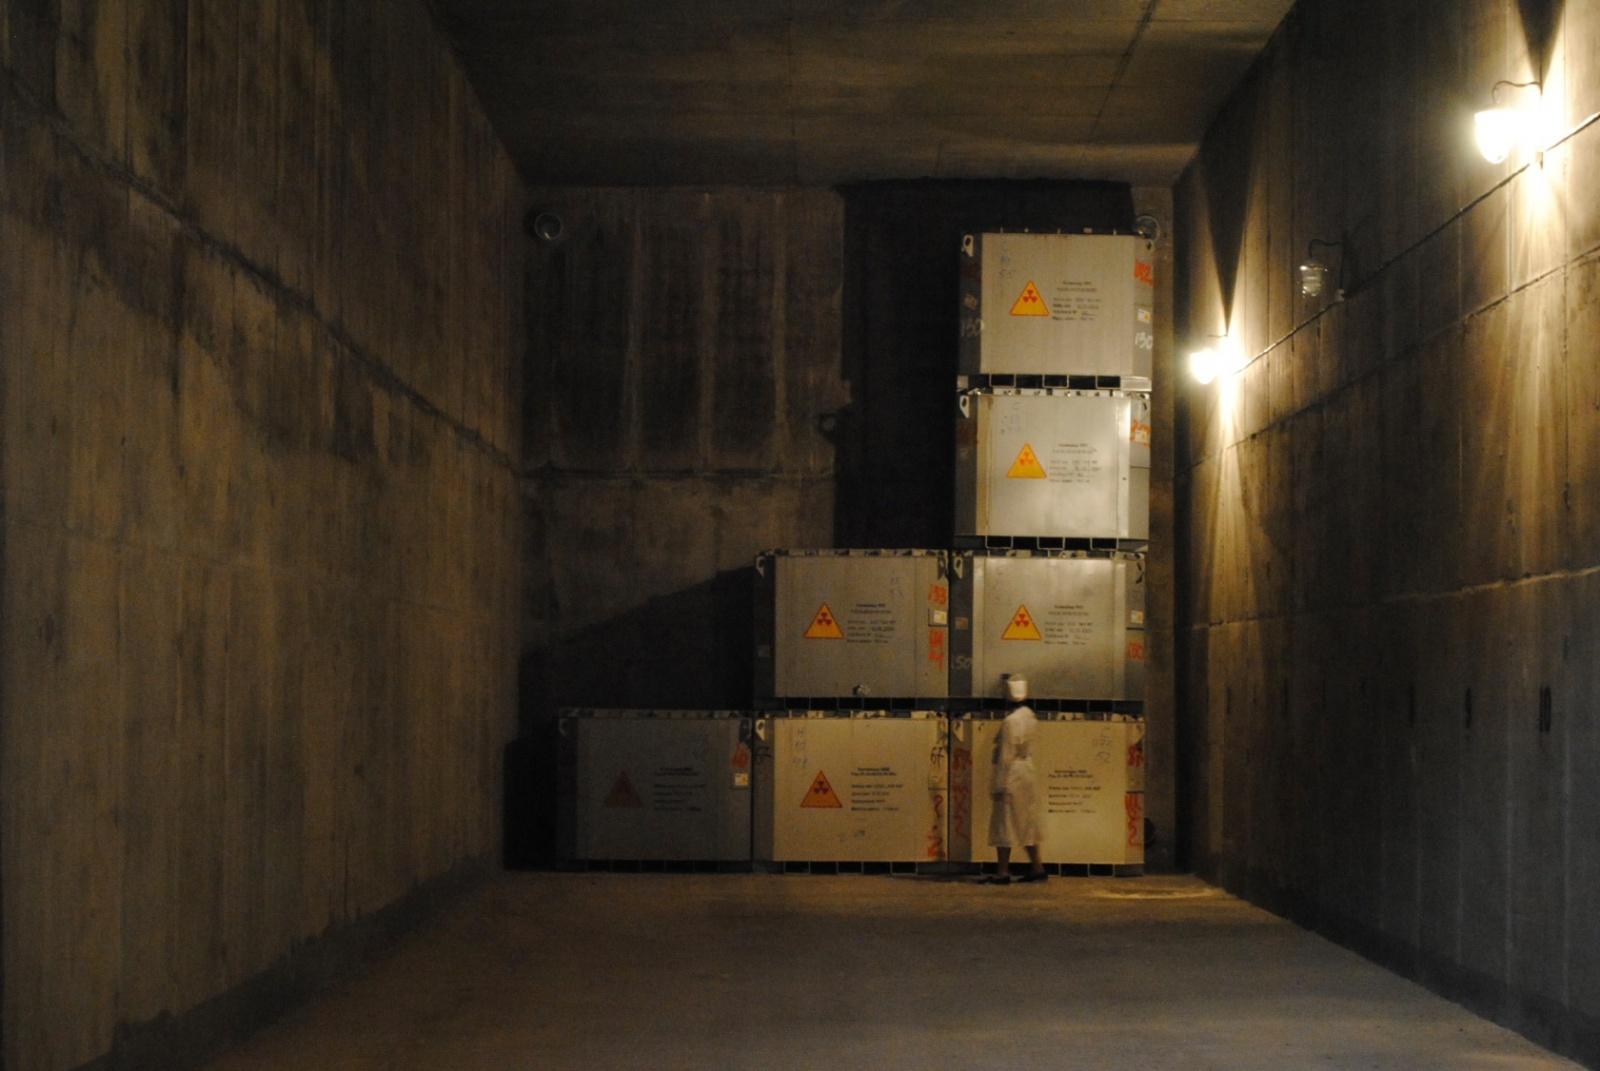 Где хранят и перерабатывают радиоактивные отходы Москвы - 7